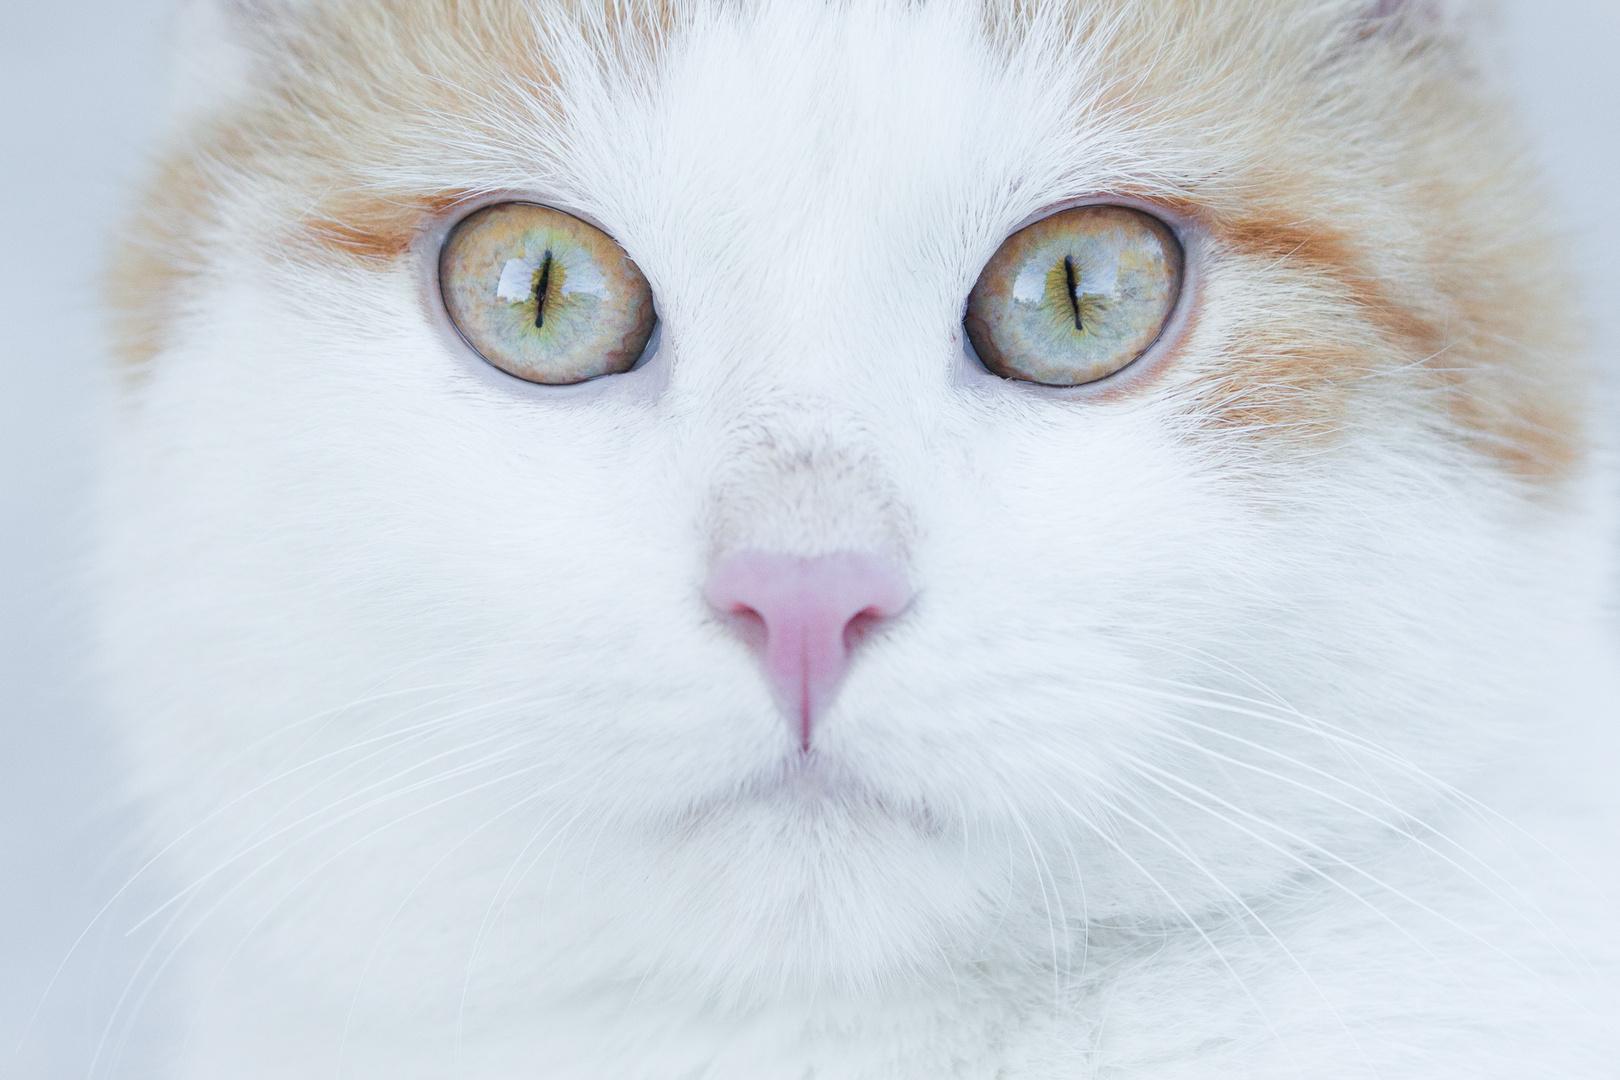 He´s got beautiful eyes